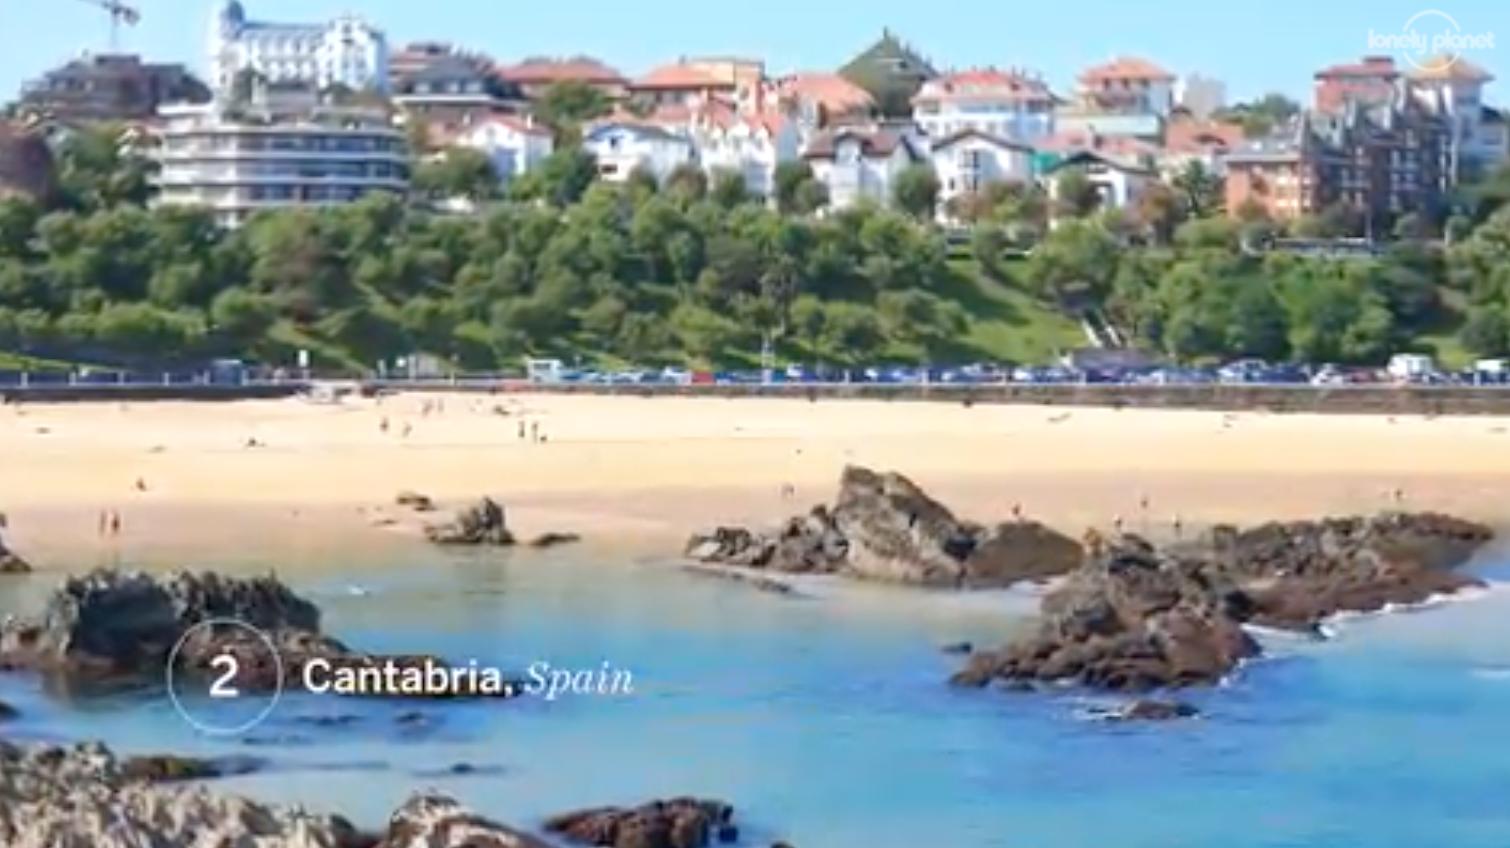 Cantabria como destino turístico 2018